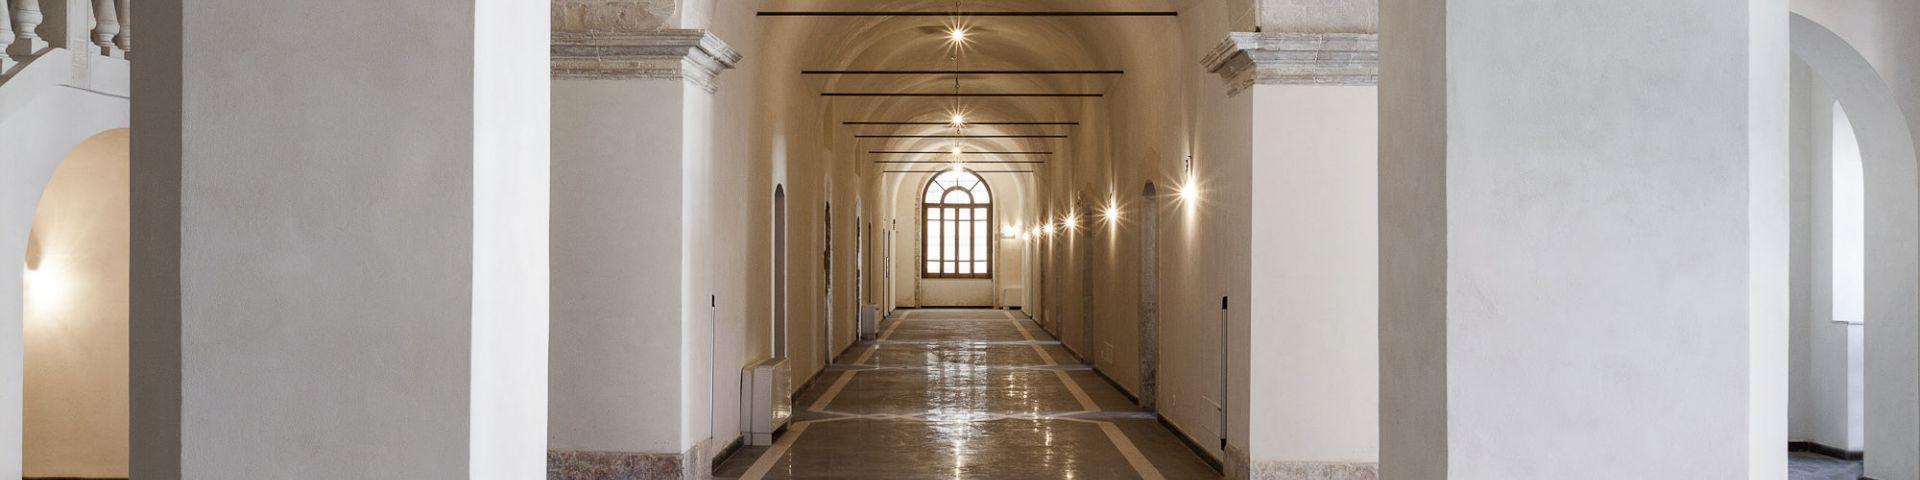 Opere di ristrutturazione restauro architettonico e lapideo sicilia - Restauro immobili ...